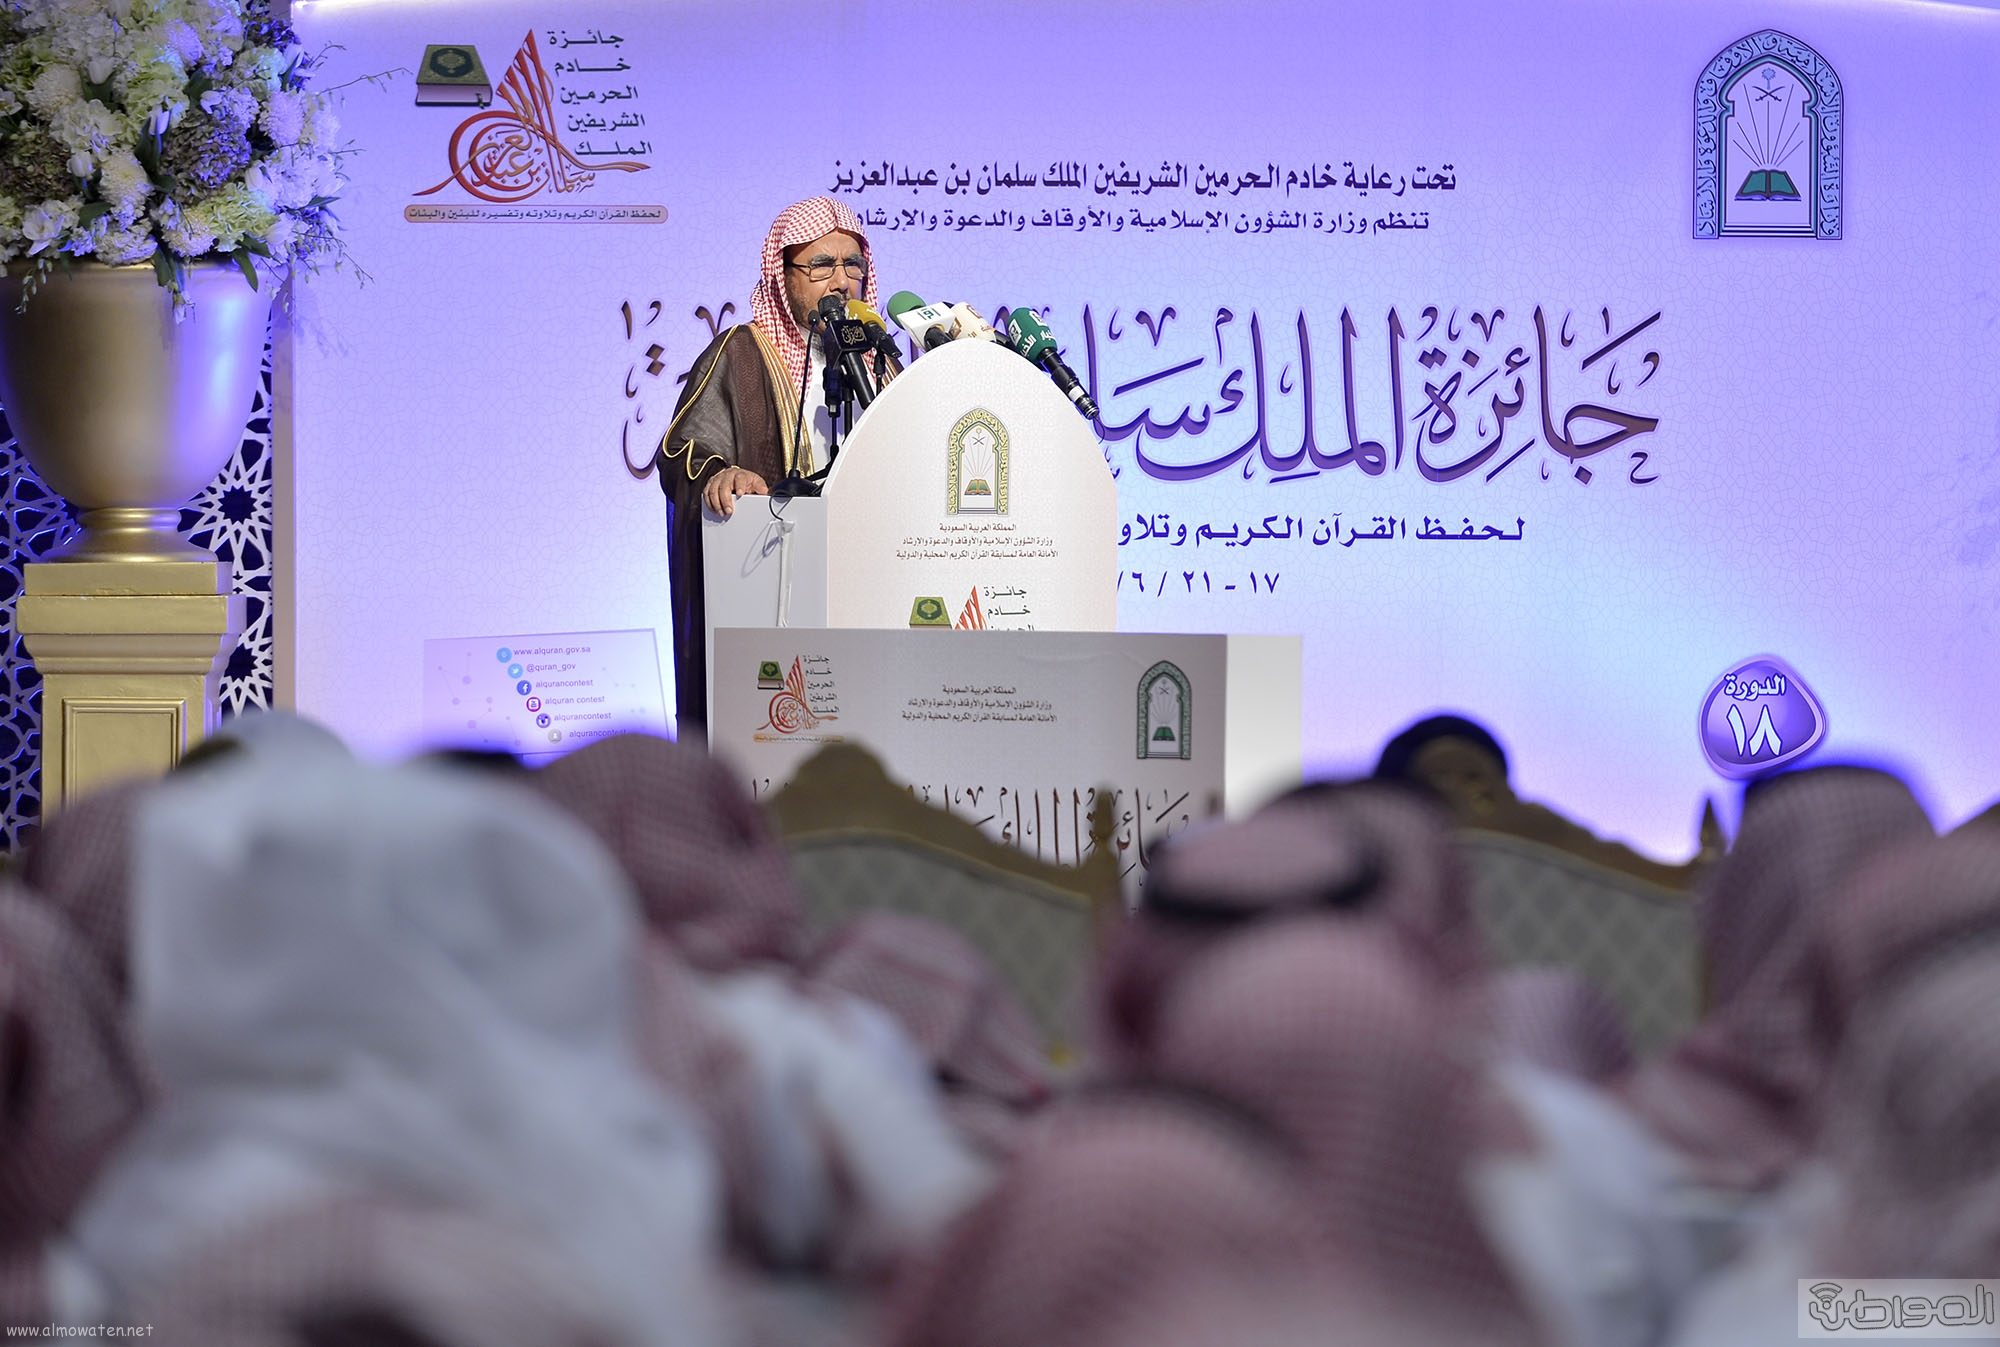 امير منطقة الرياض يرعى حفل اختتام مسابقة جائزة الملك سلمان لحفظ القران الكريم (17)